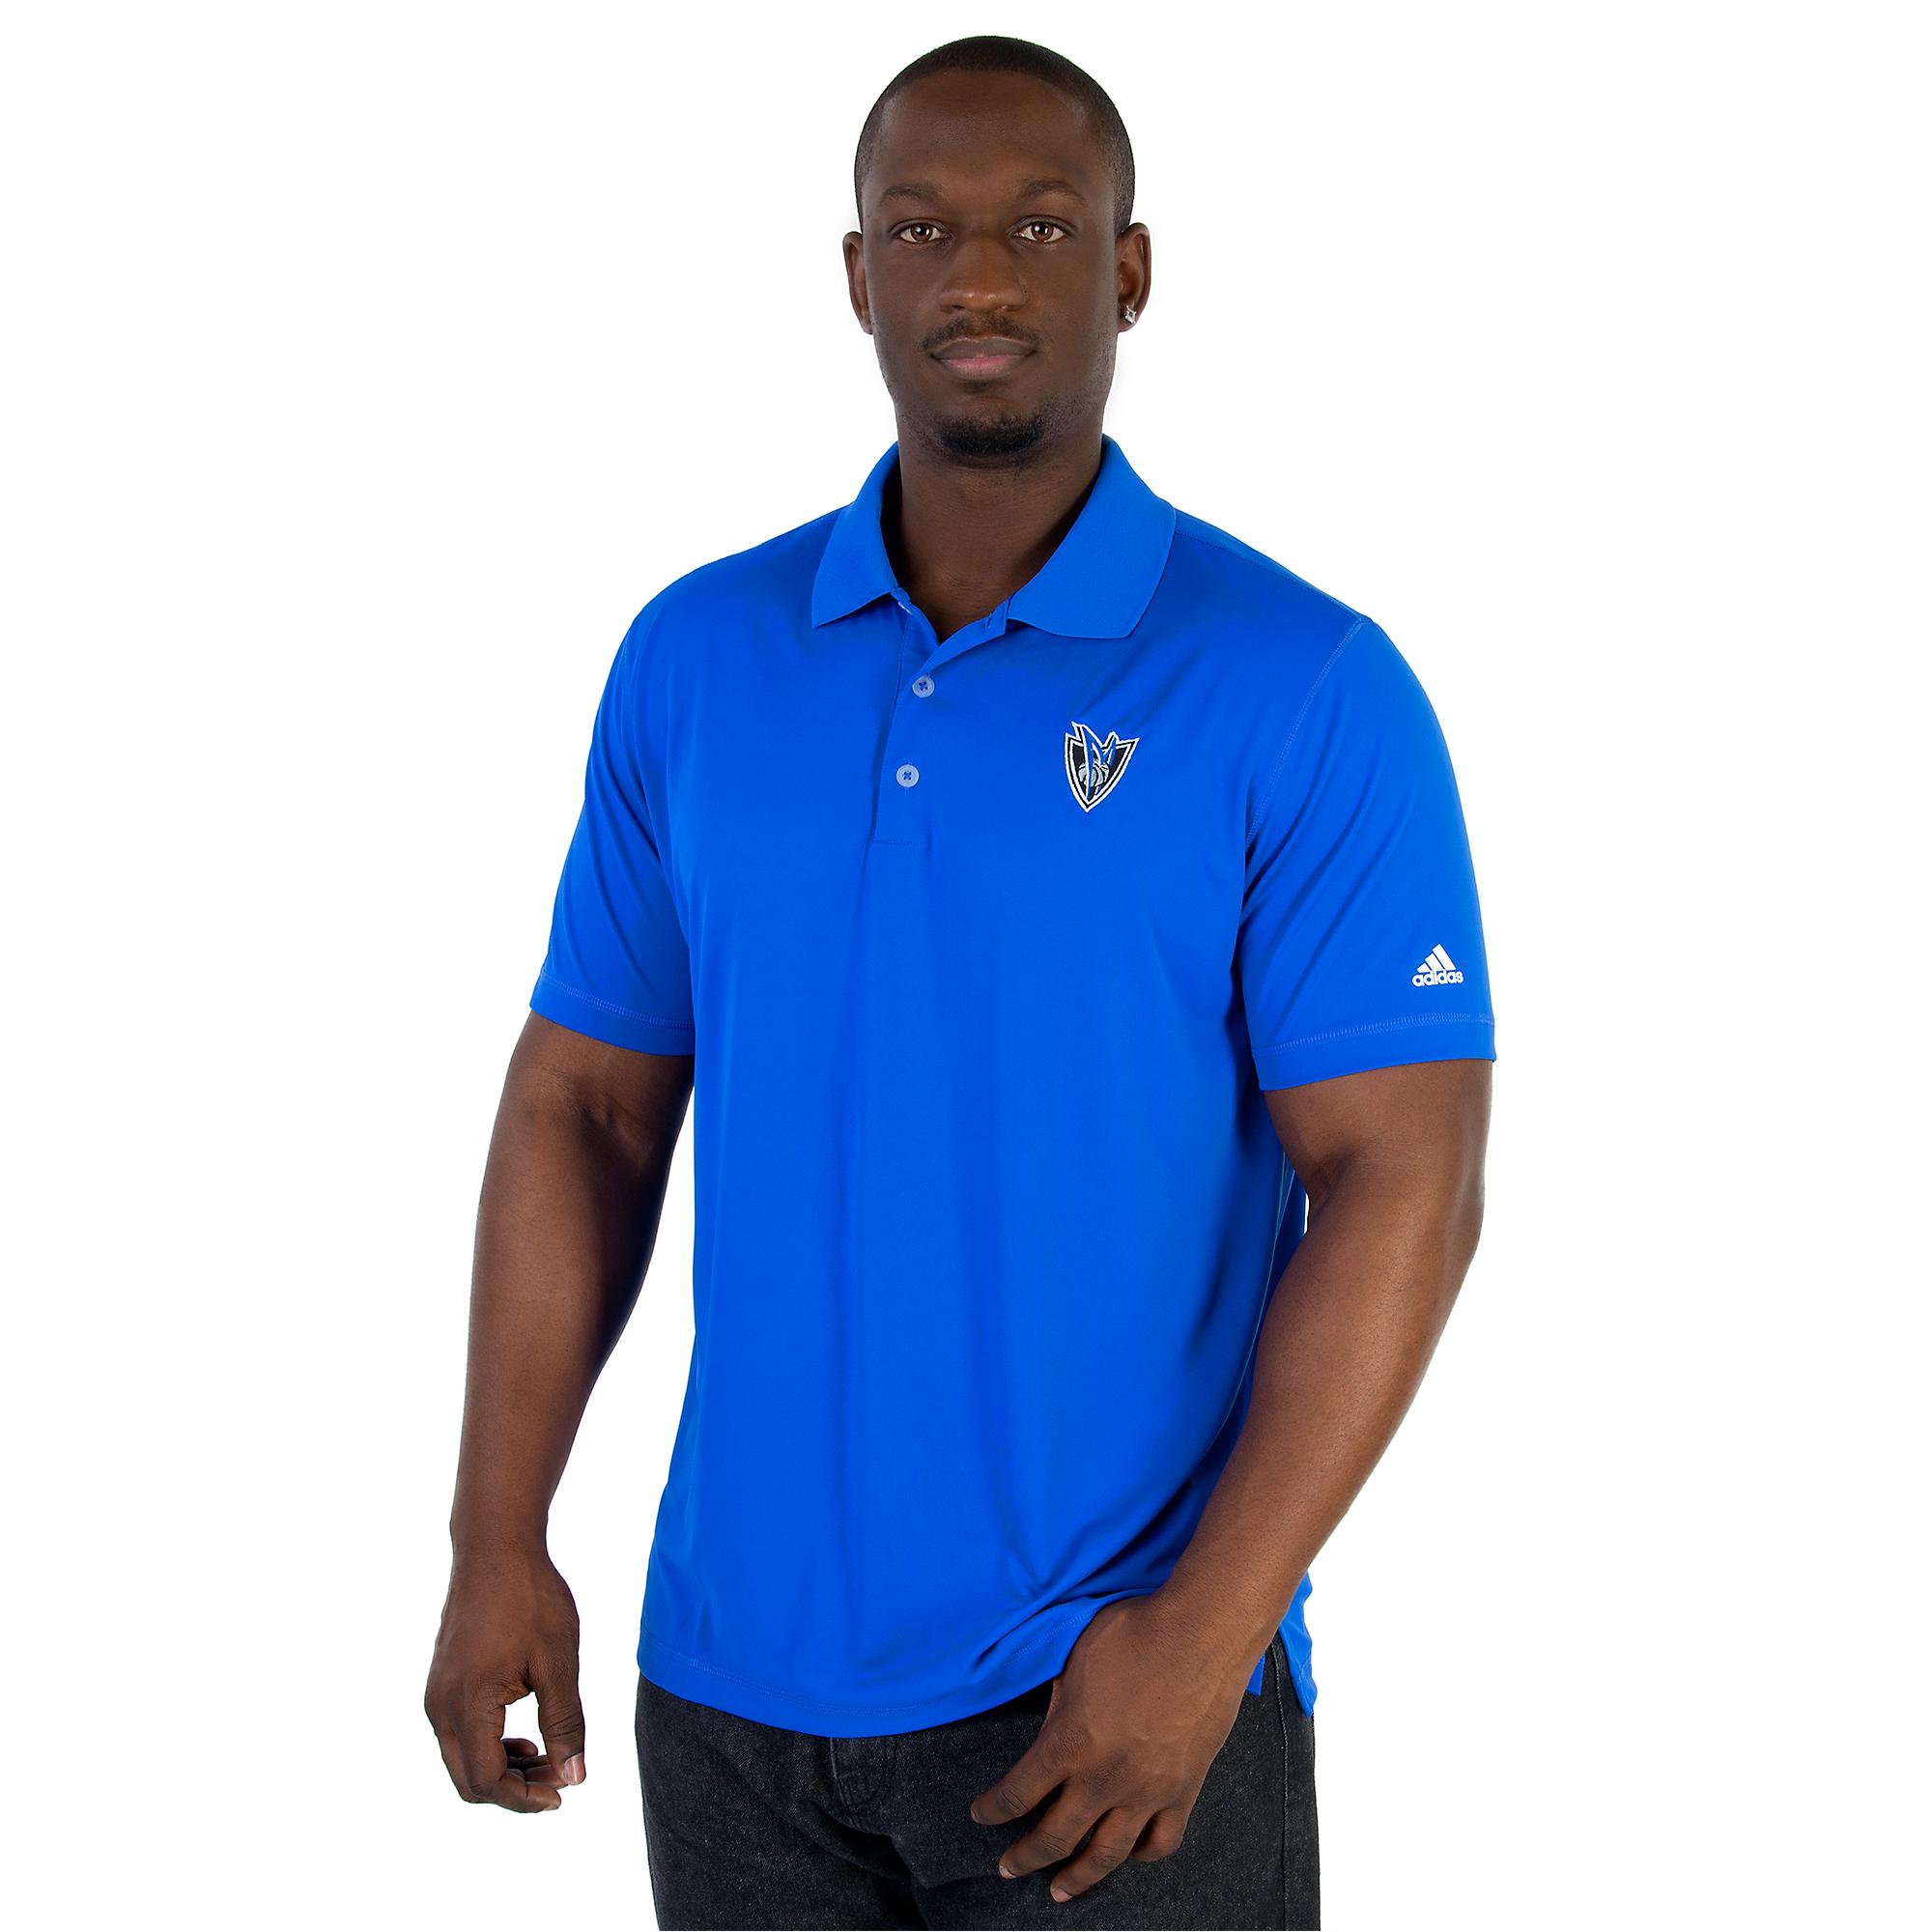 Dallas Mavericks Adidas Golf Polo